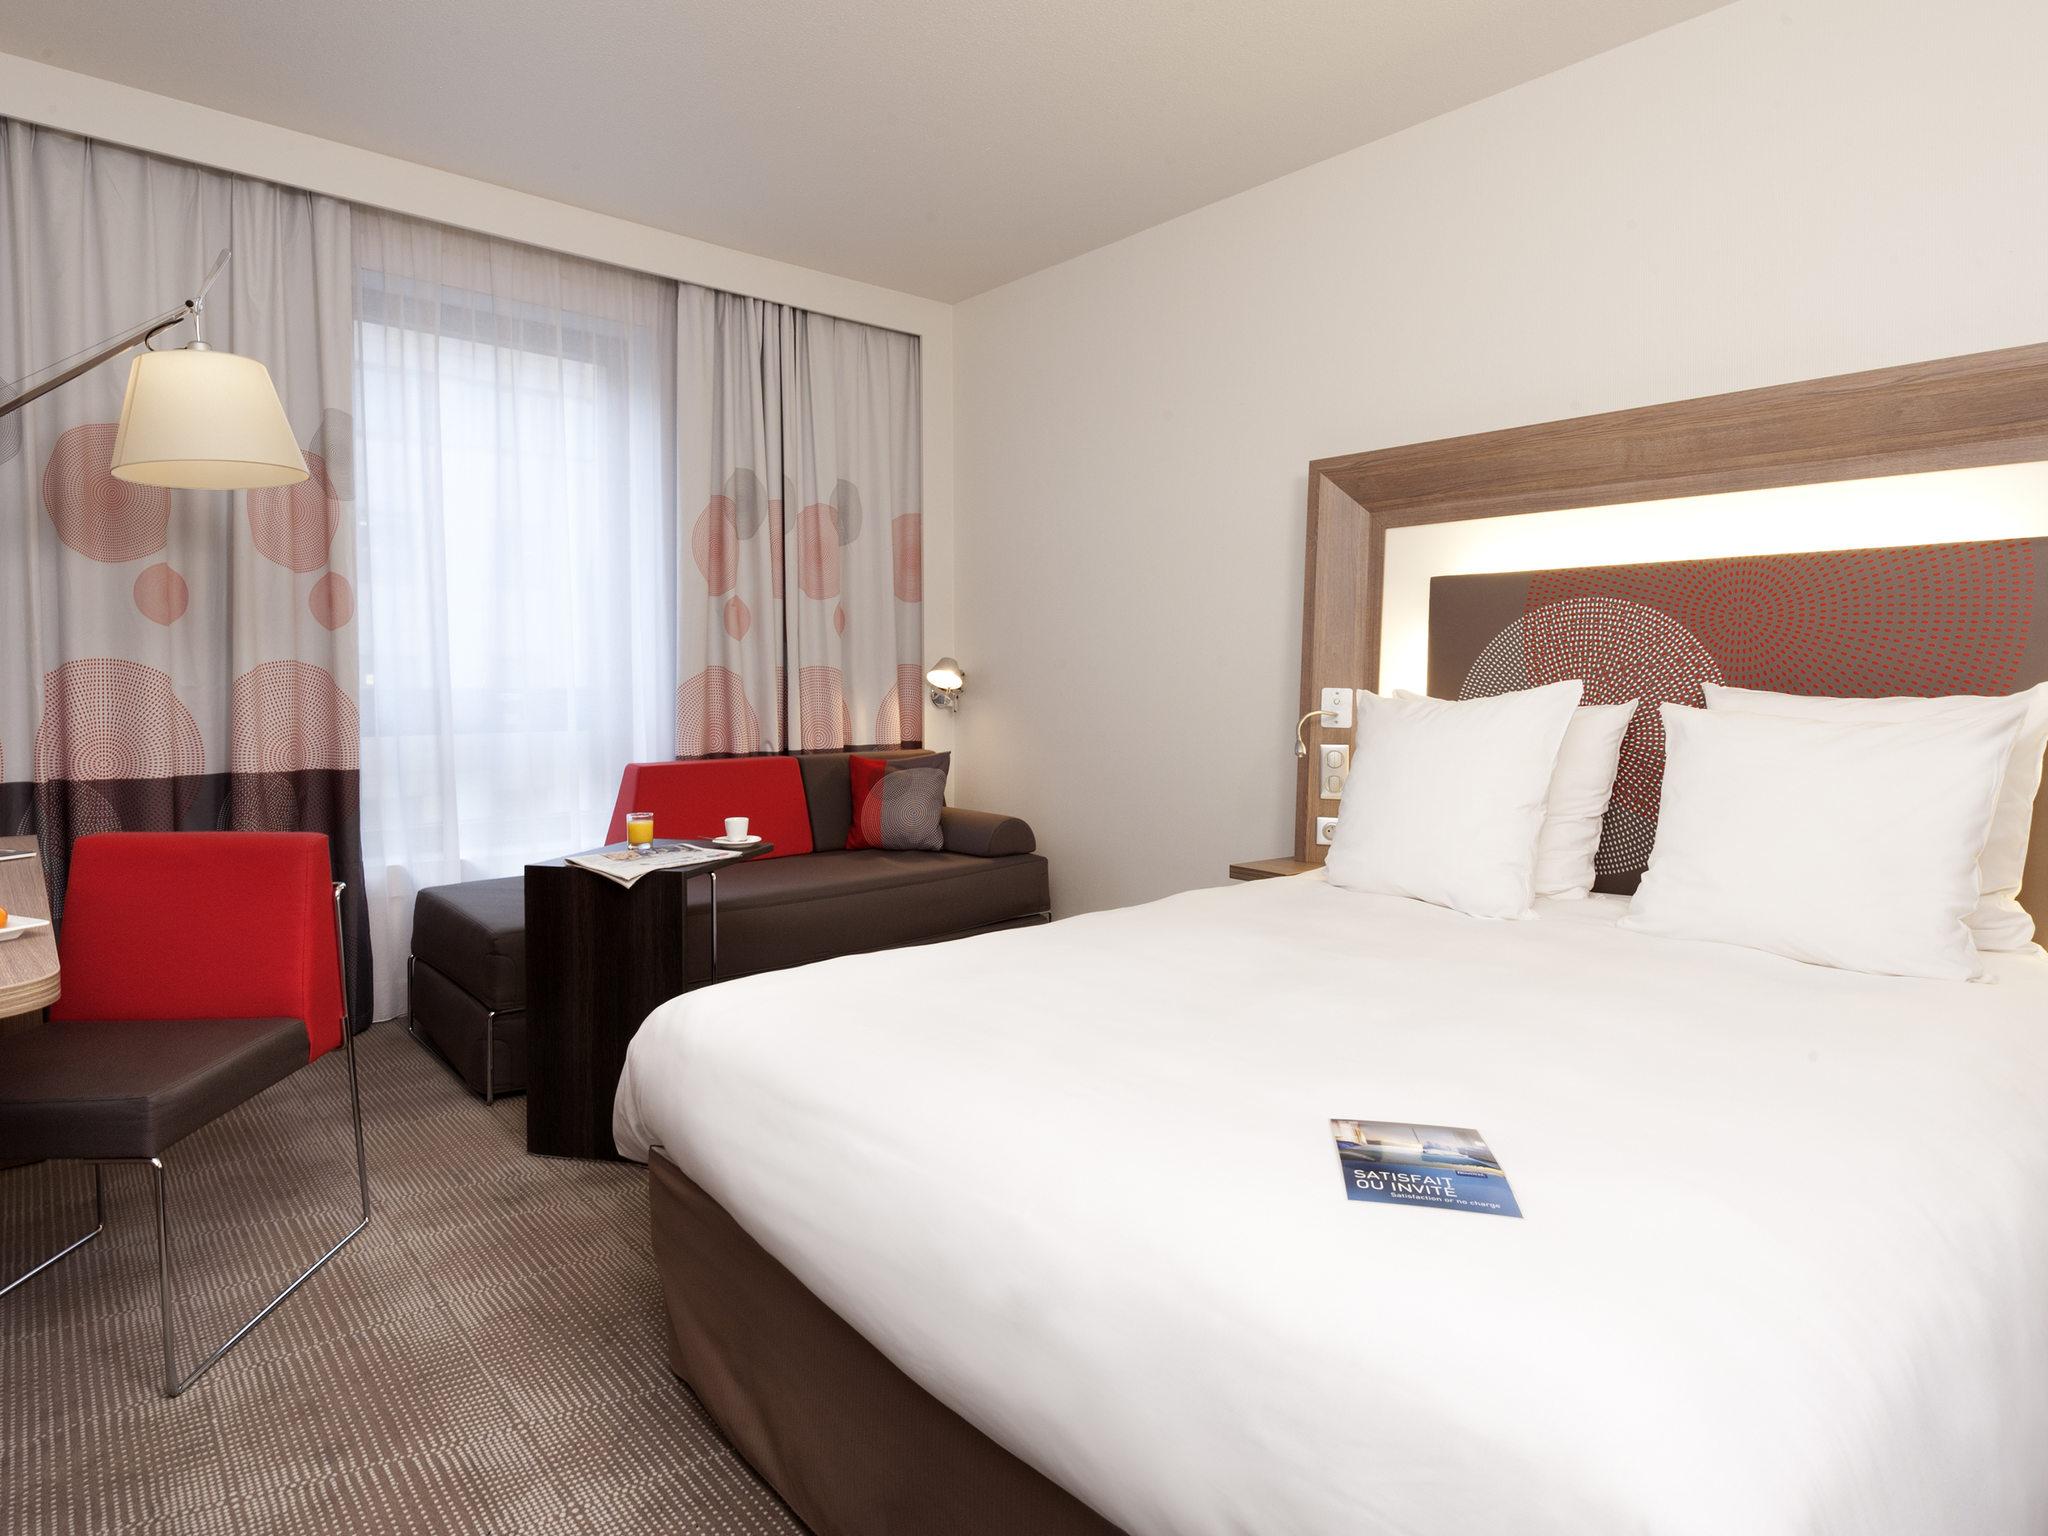 Hotell – Novotel Paris Rueil Malmaison